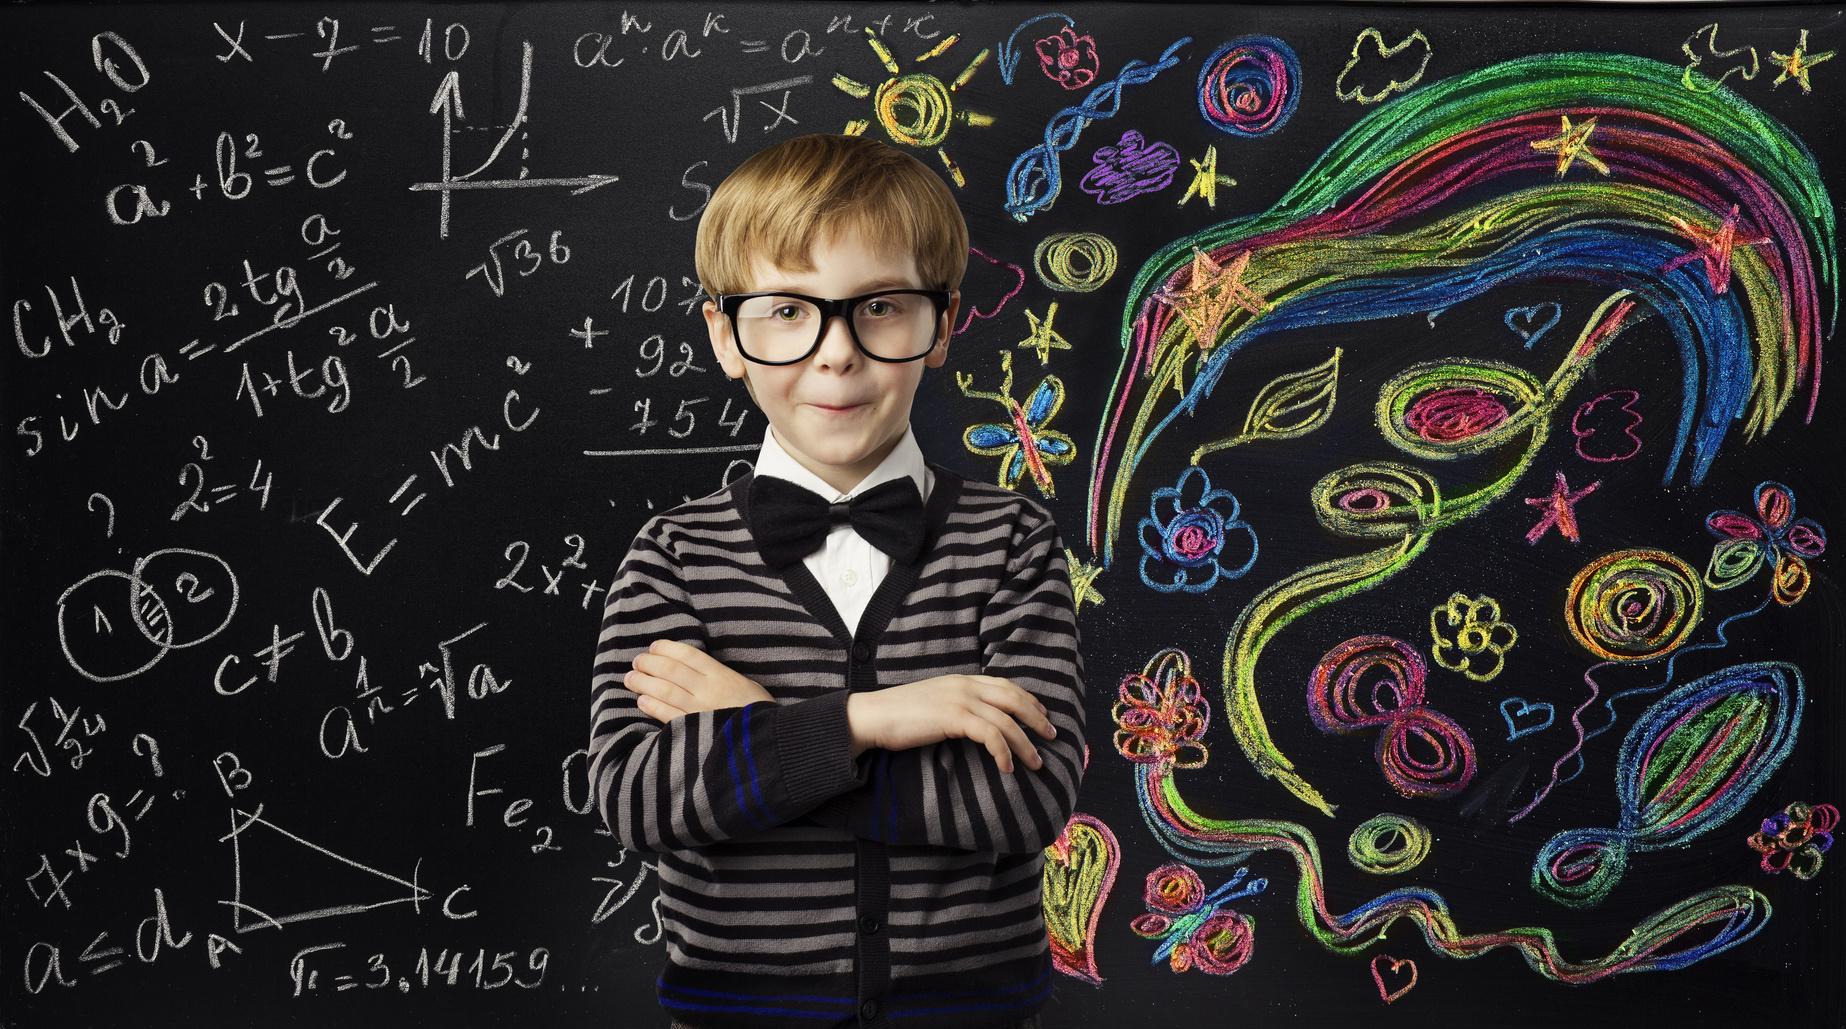 街コンレポート_カラフルな配色で描かれた黒板の前に男の子が腕組みしています